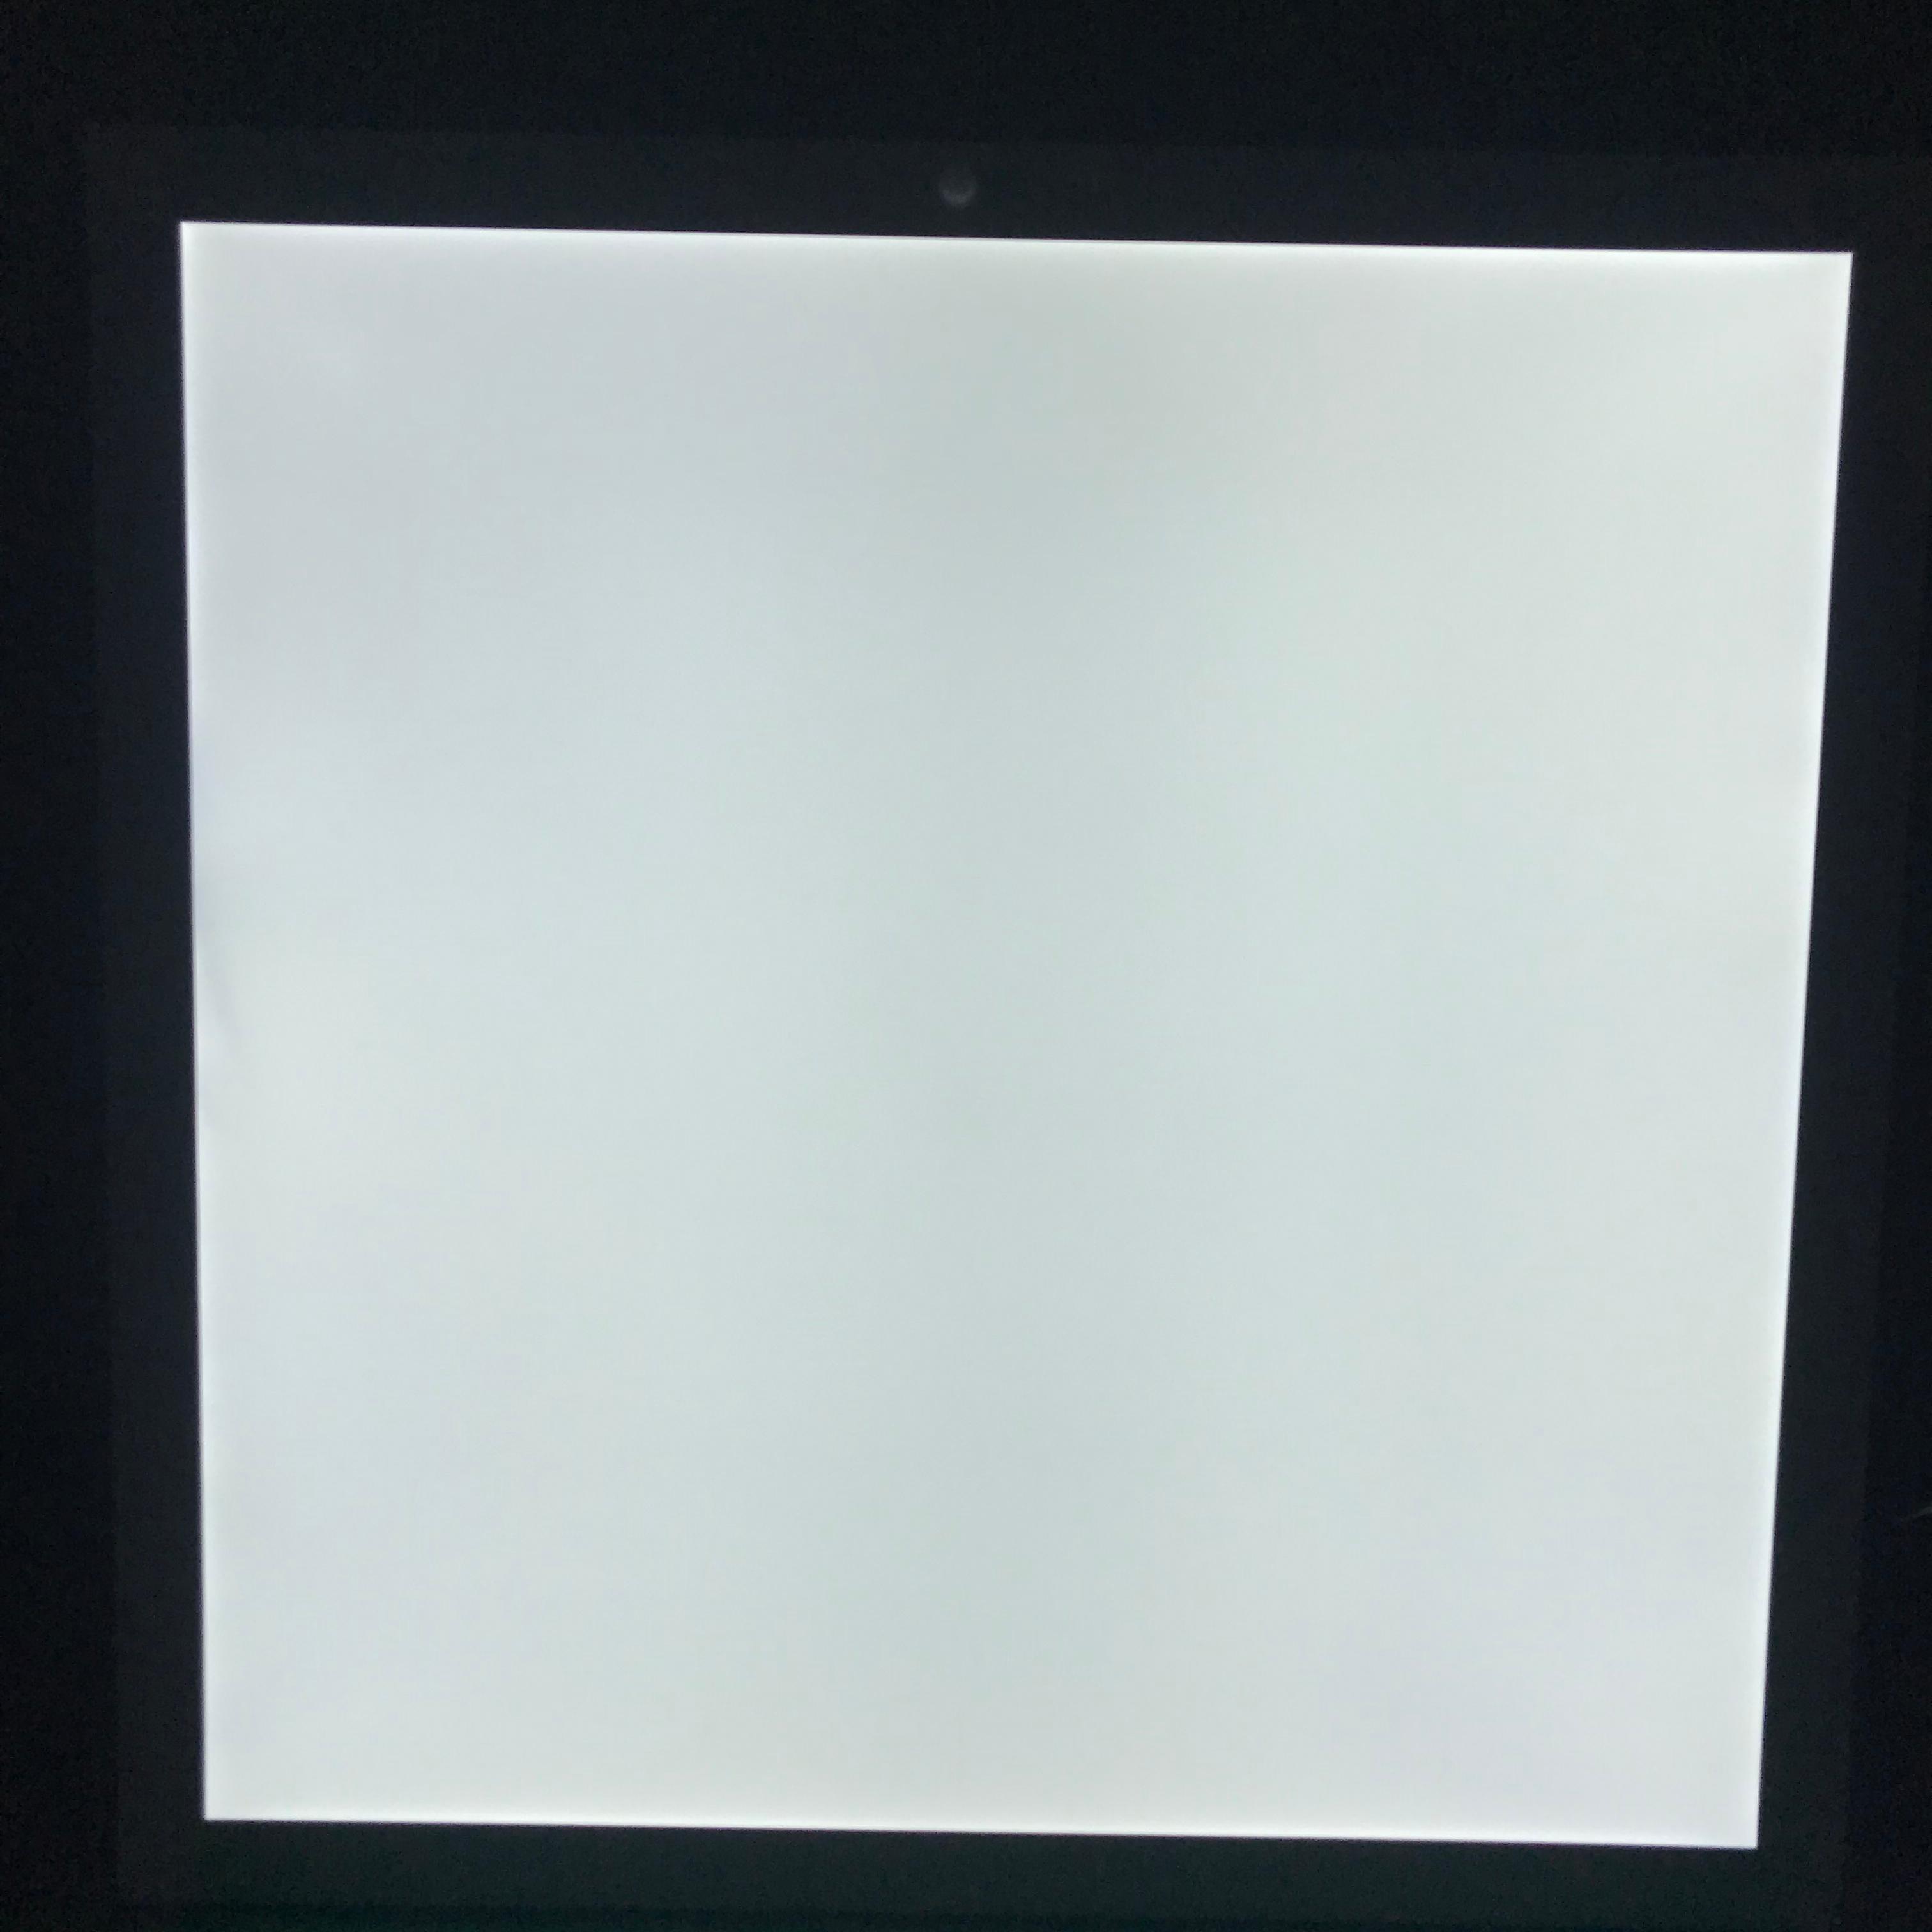 600*600,300*1200 commercial office smart sensor wifi microwave led panel light